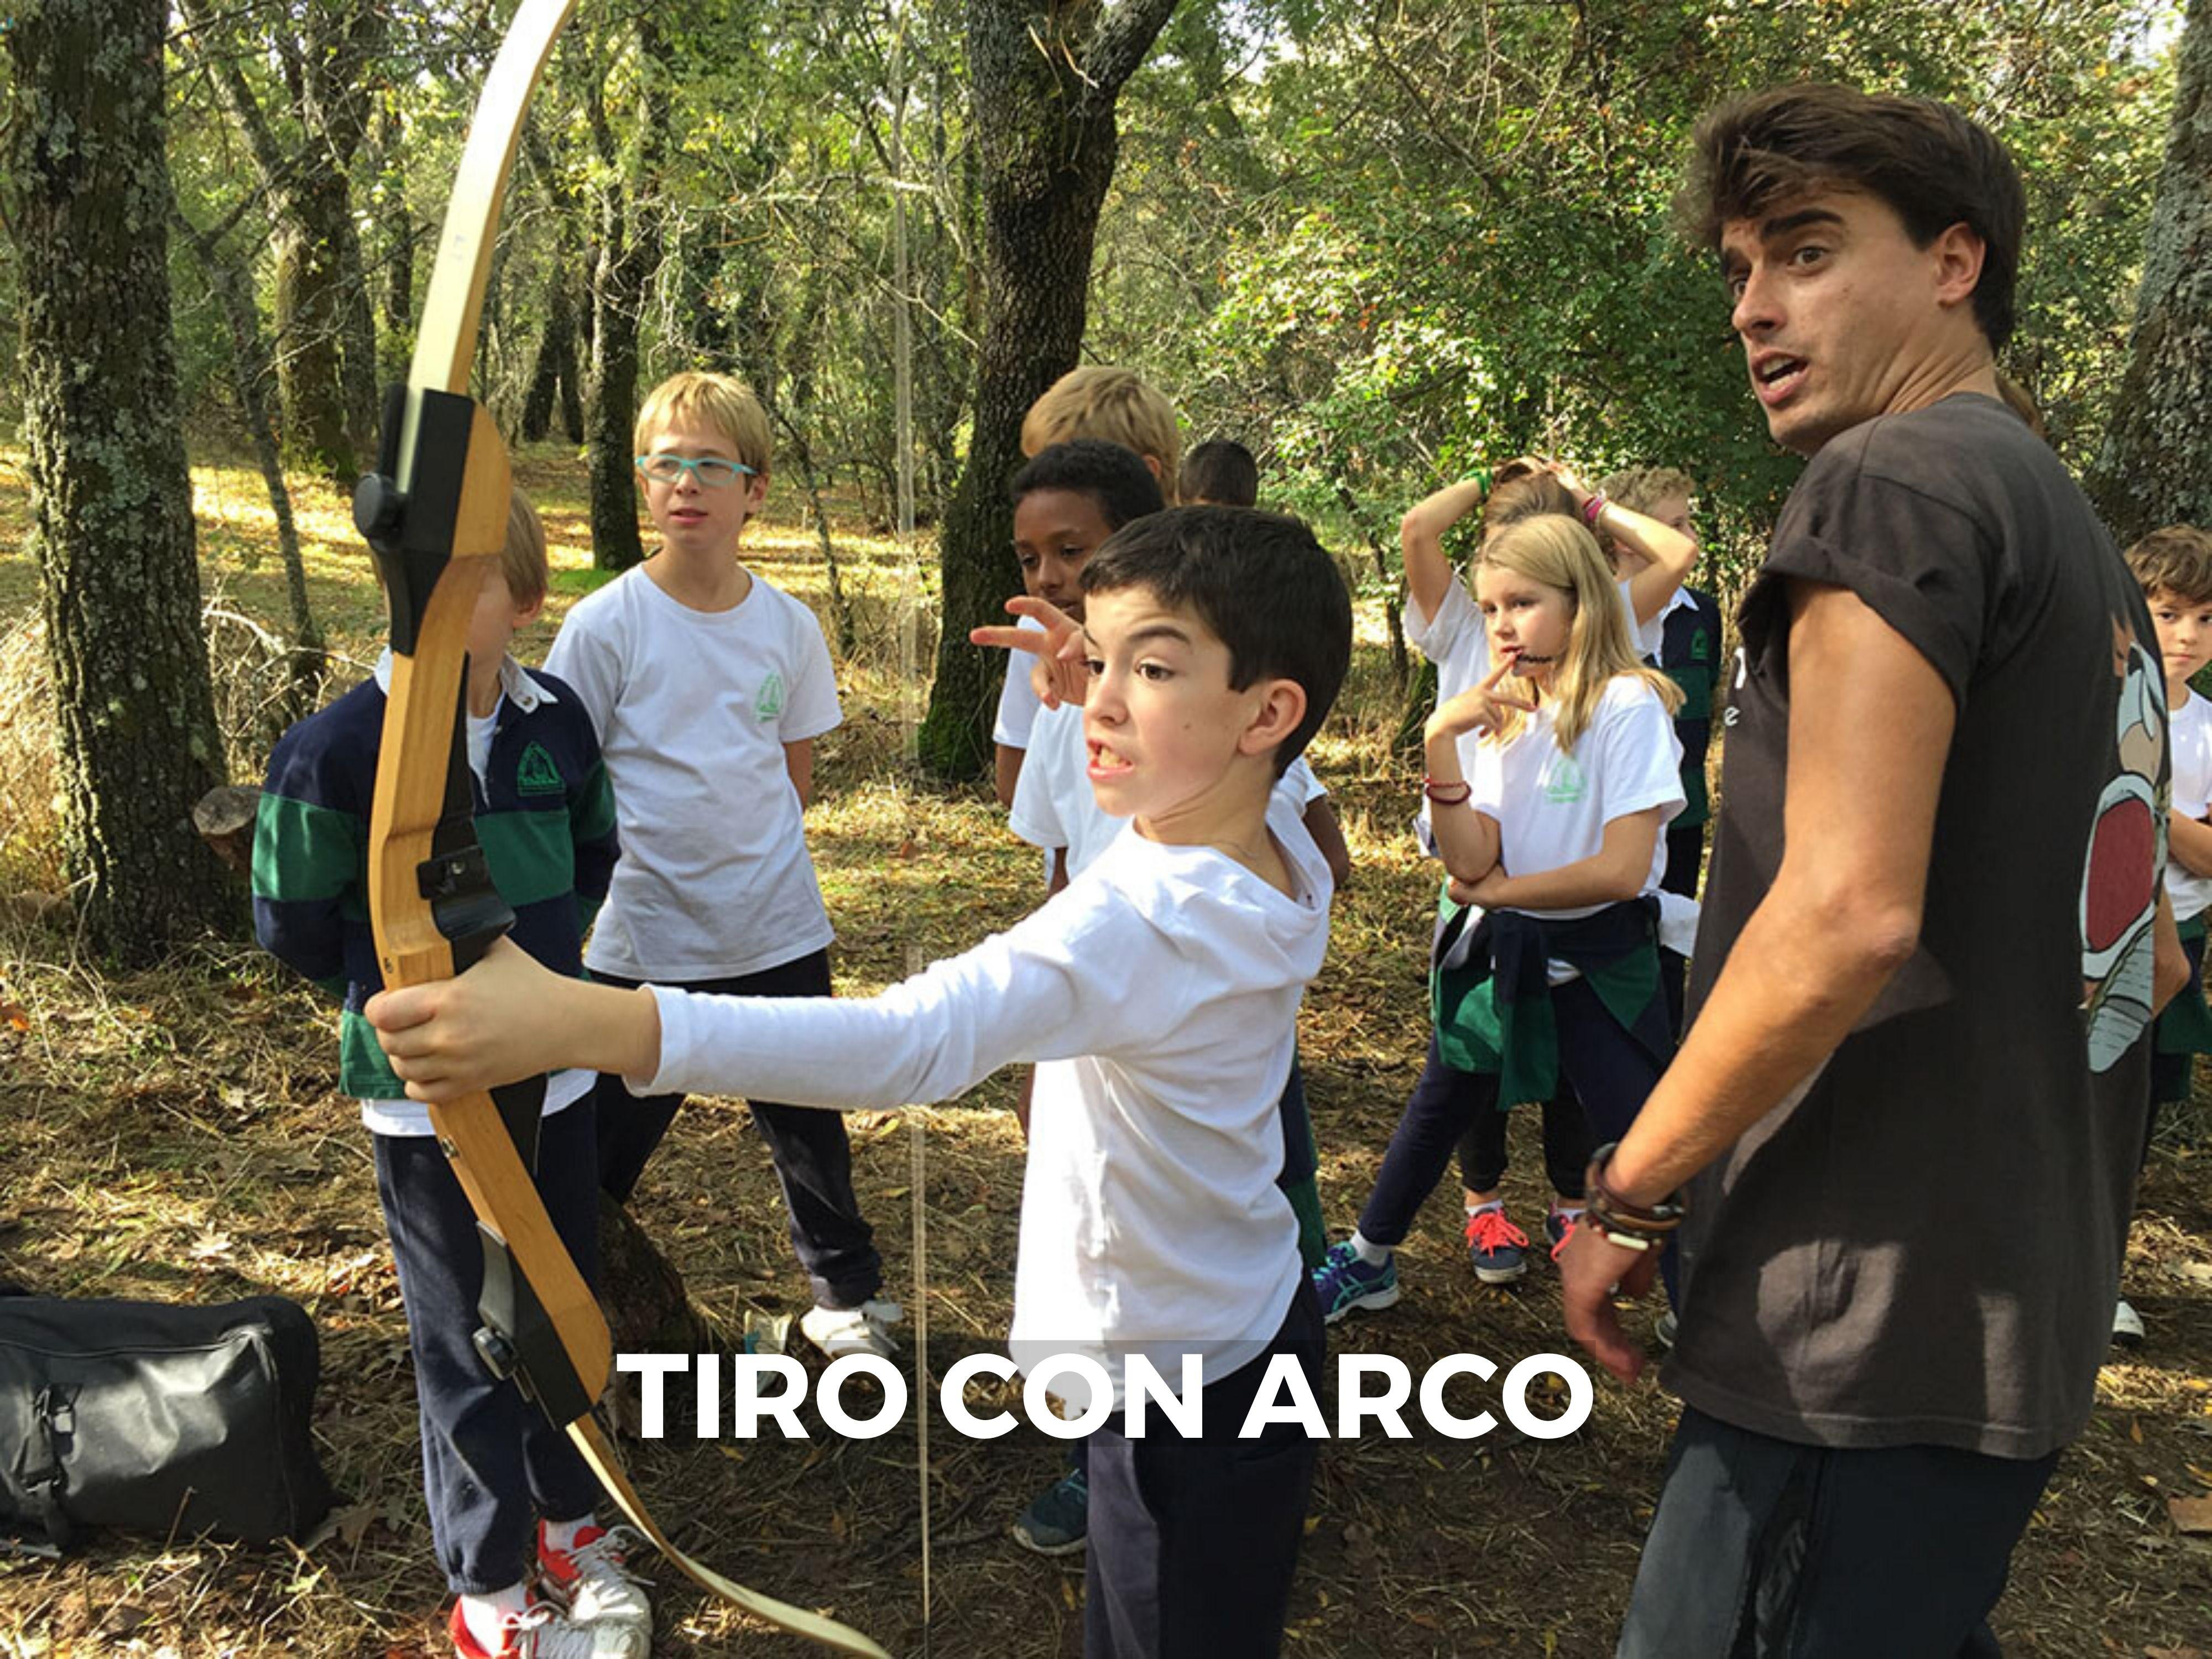 Copia de Copia de TIRO CON ARCO (15)